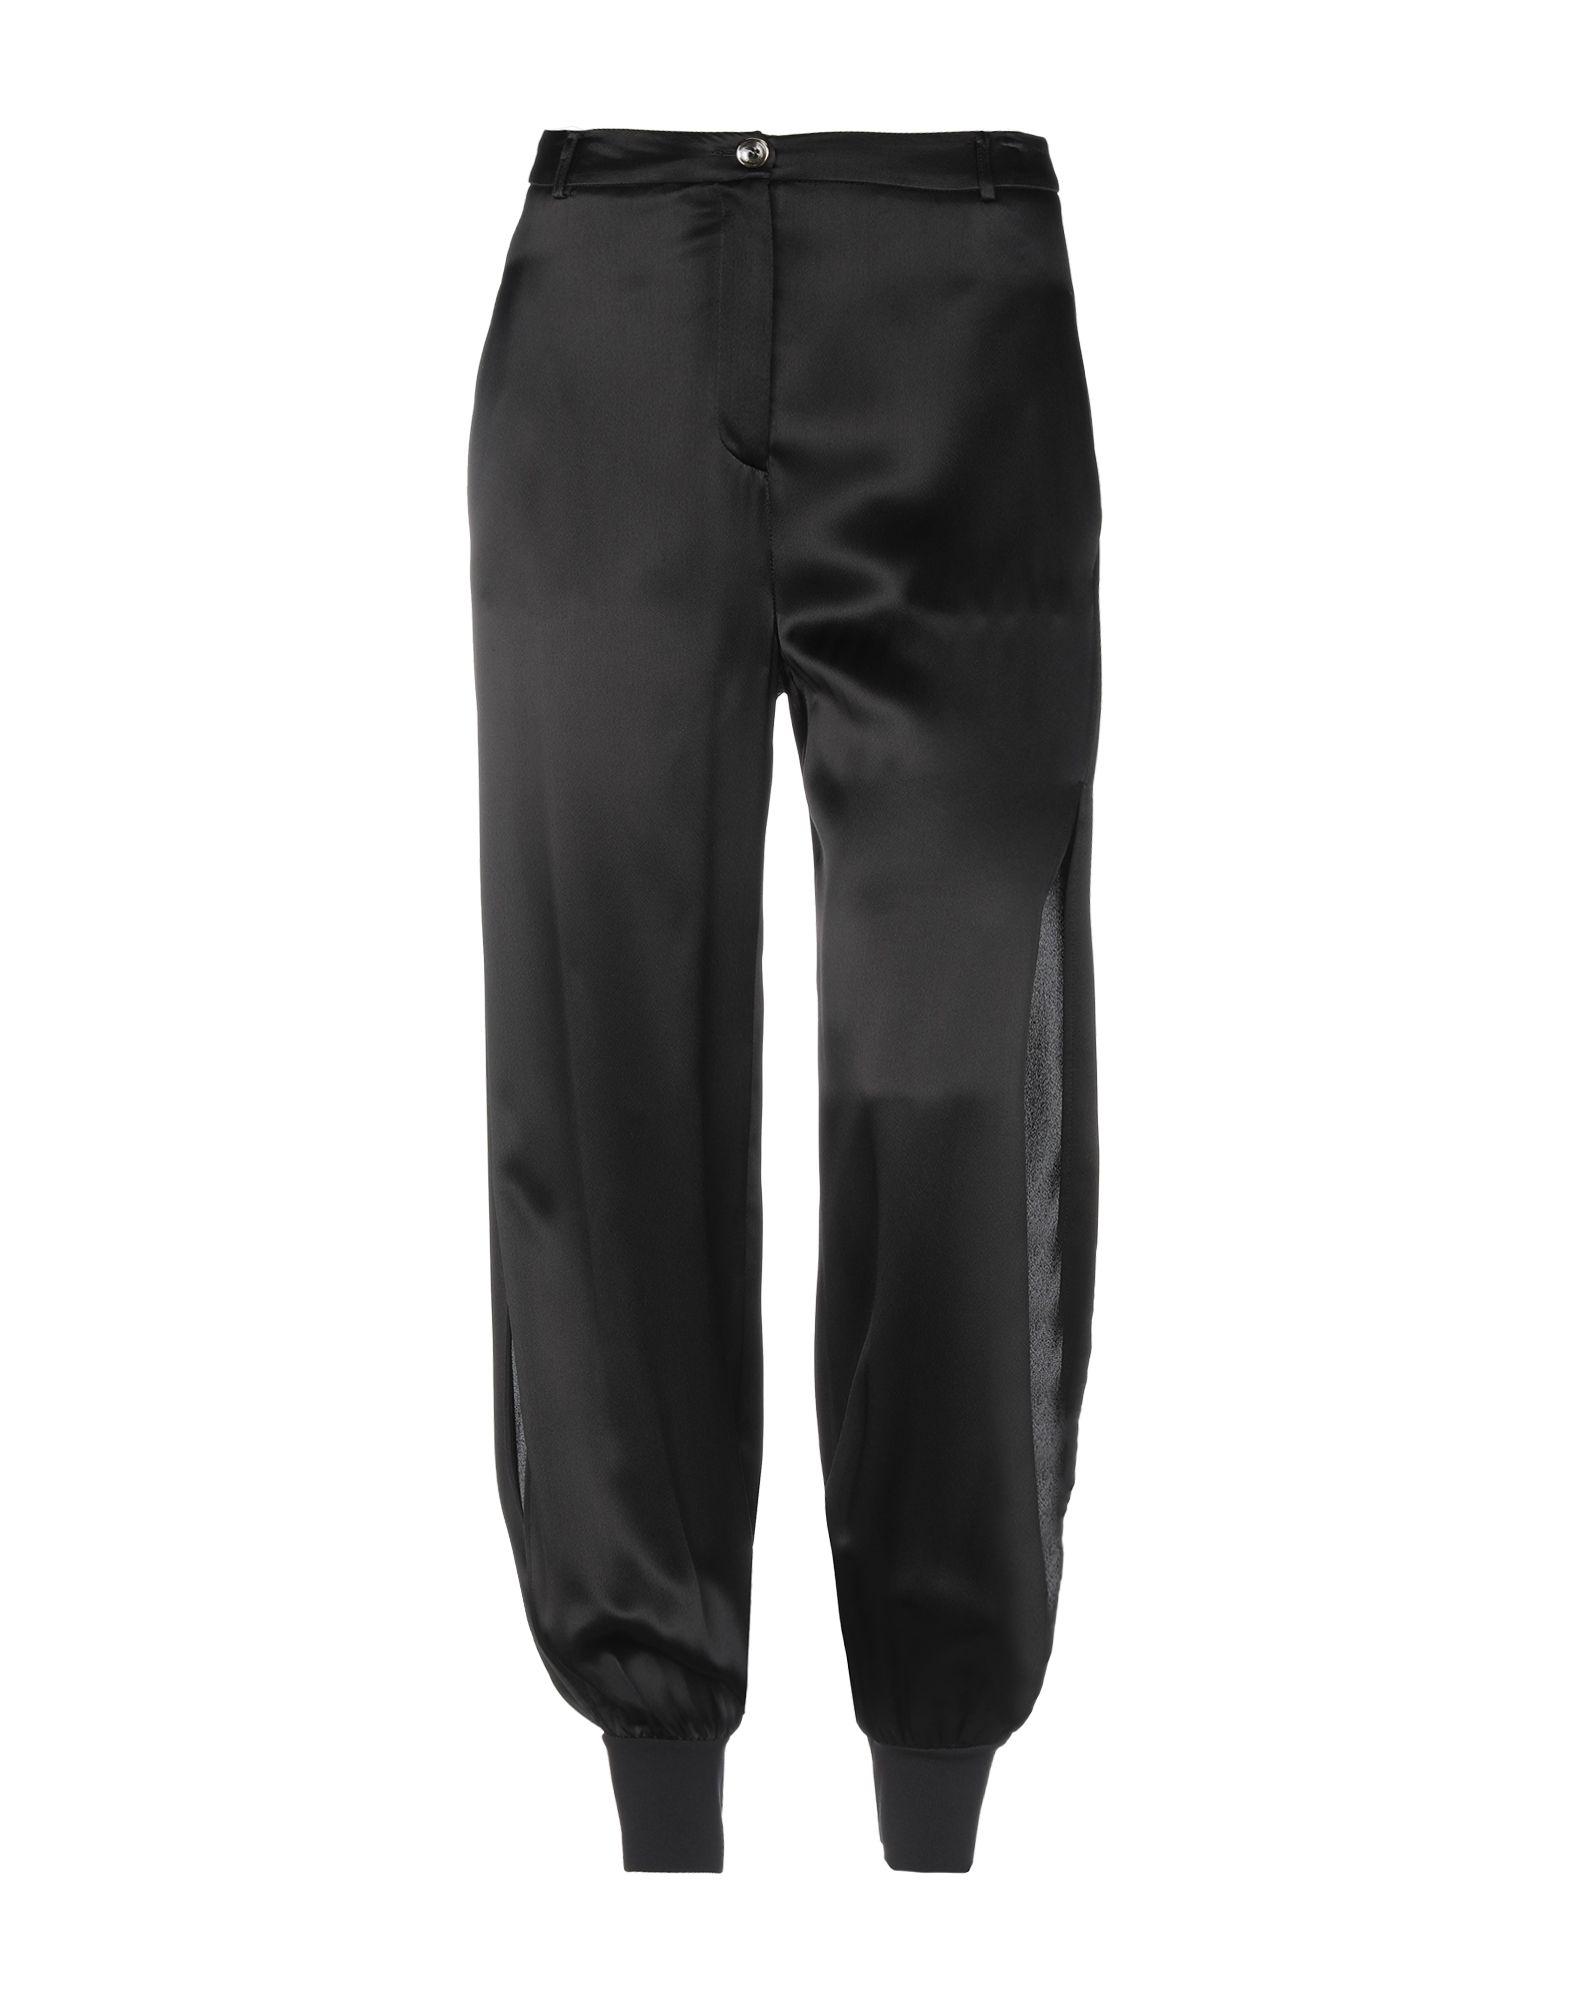 《送料無料》PATRIZIA PEPE レディース パンツ ブラック 38 レーヨン 100%